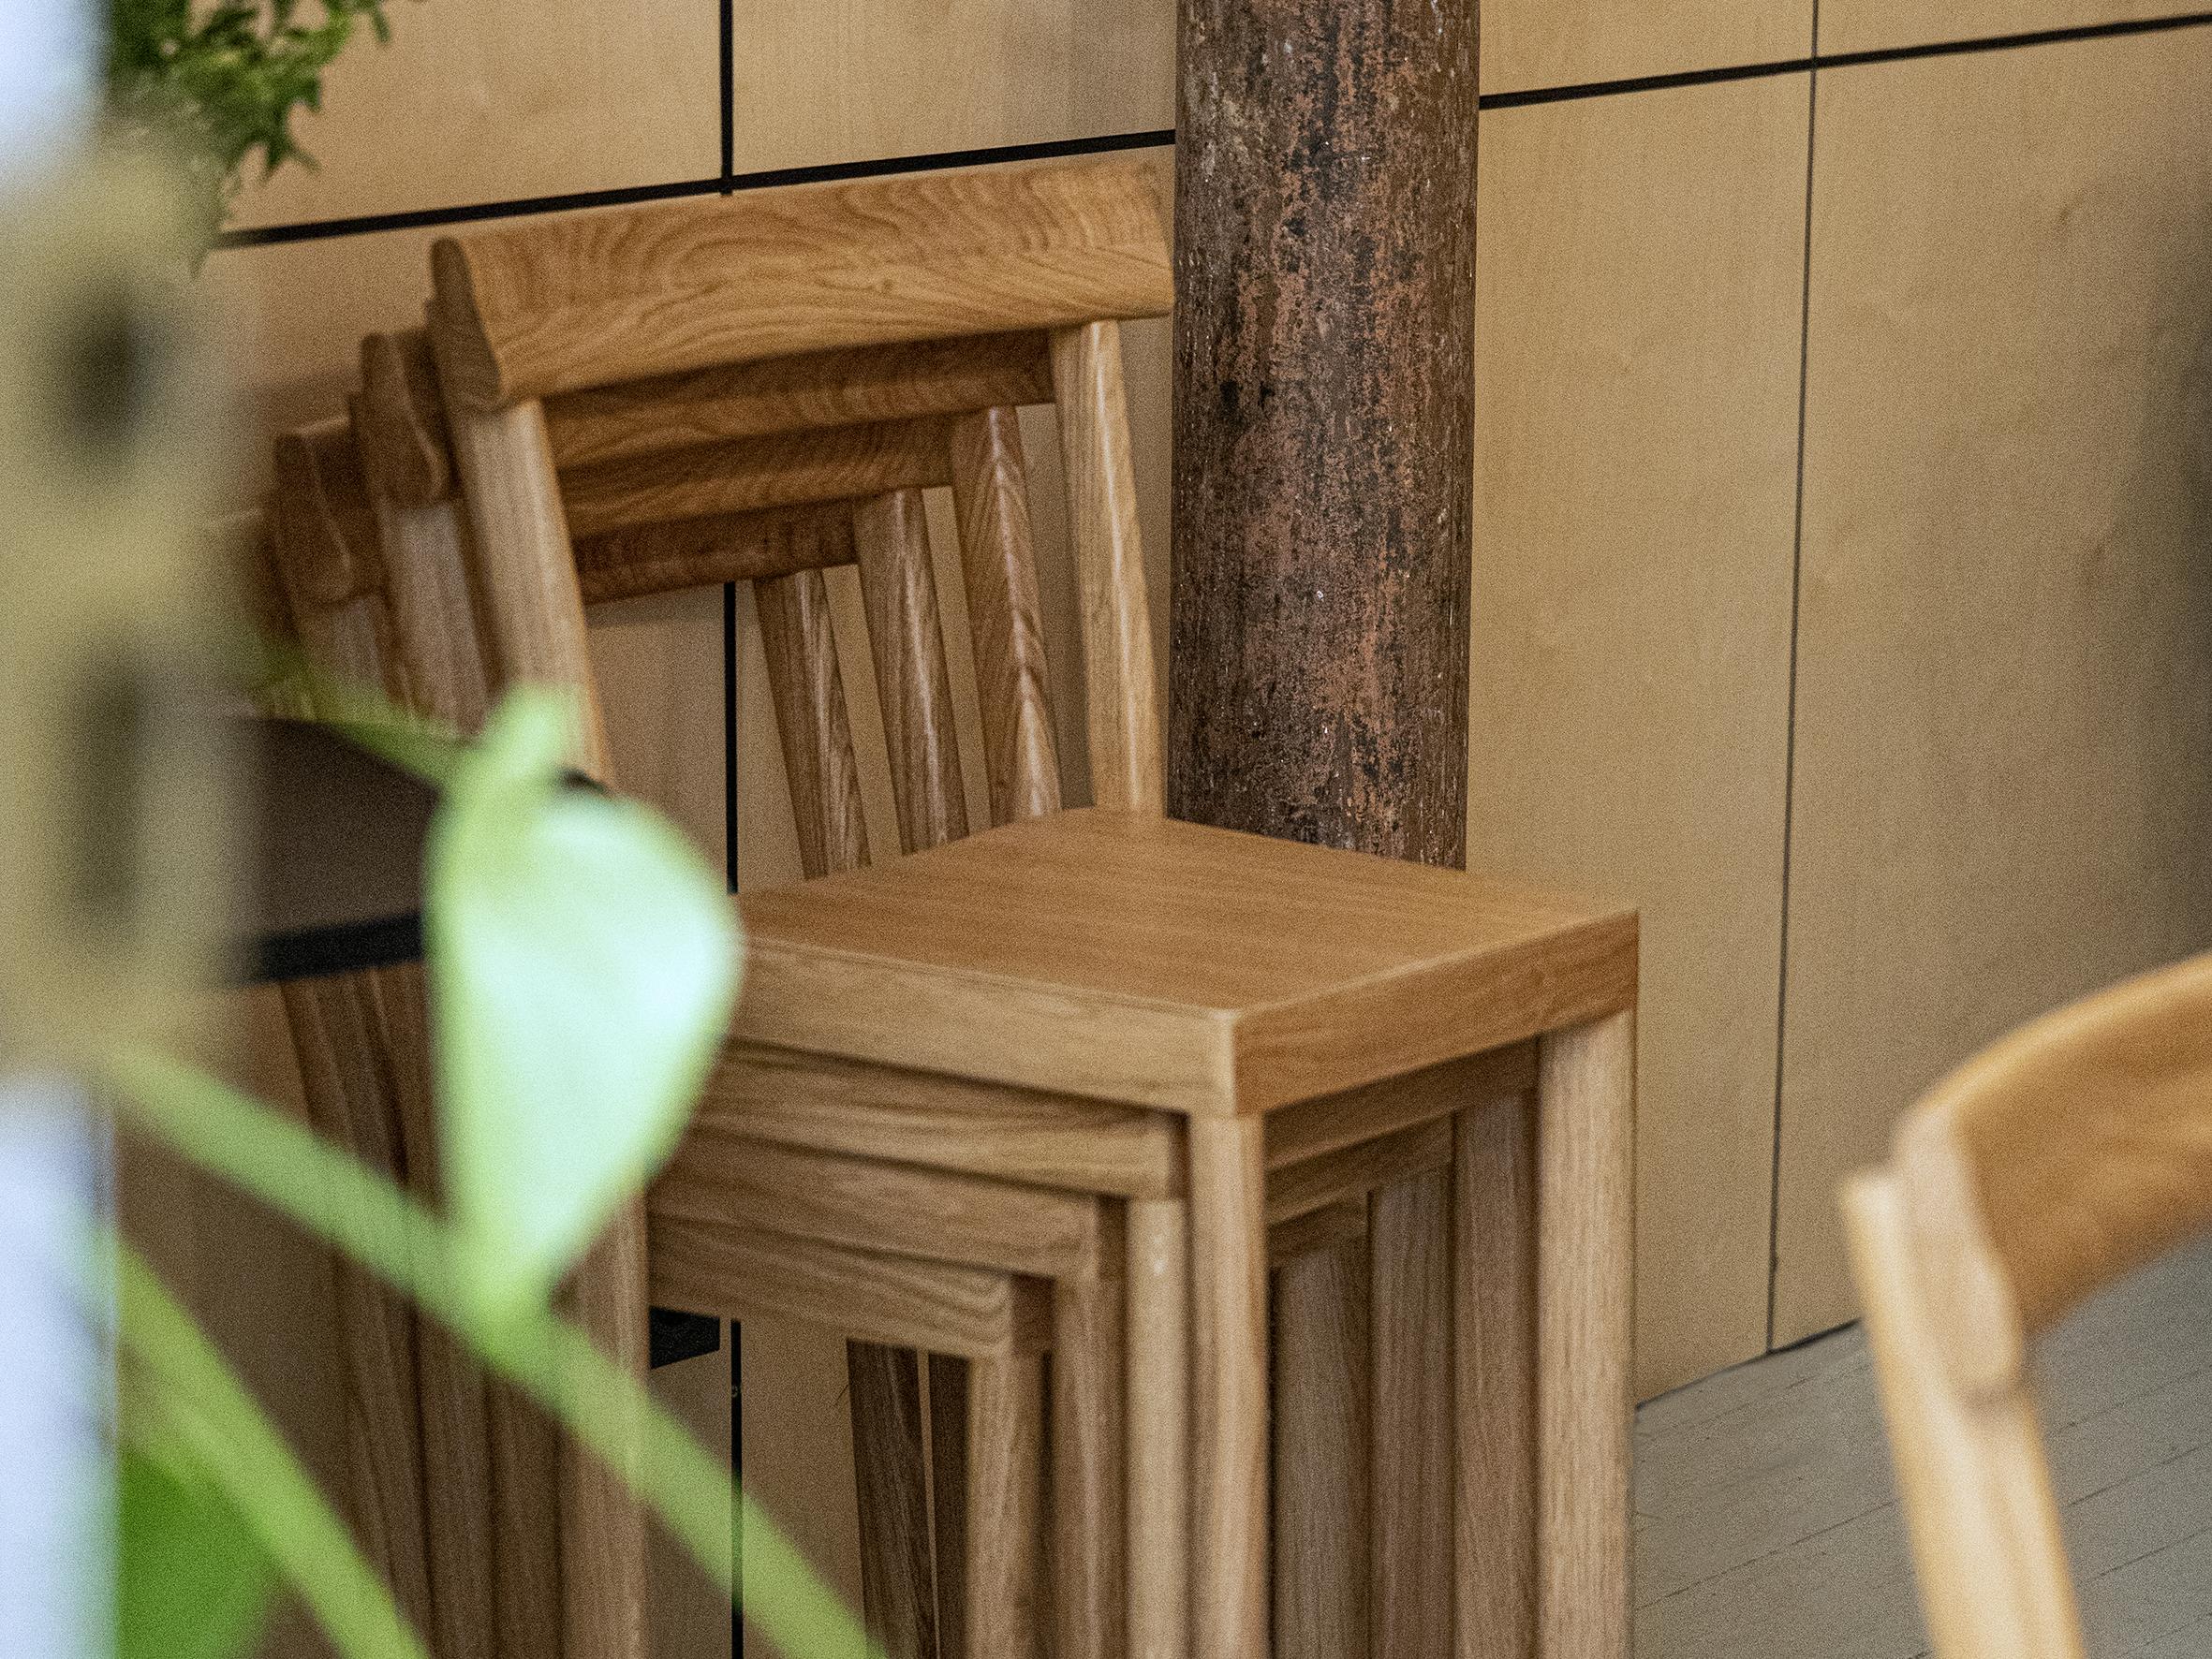 D'inspiration bistrot, les chaises Galta dessinées par SCMP Design Office ont été conçues pour pouvoir s'empiler facilement.